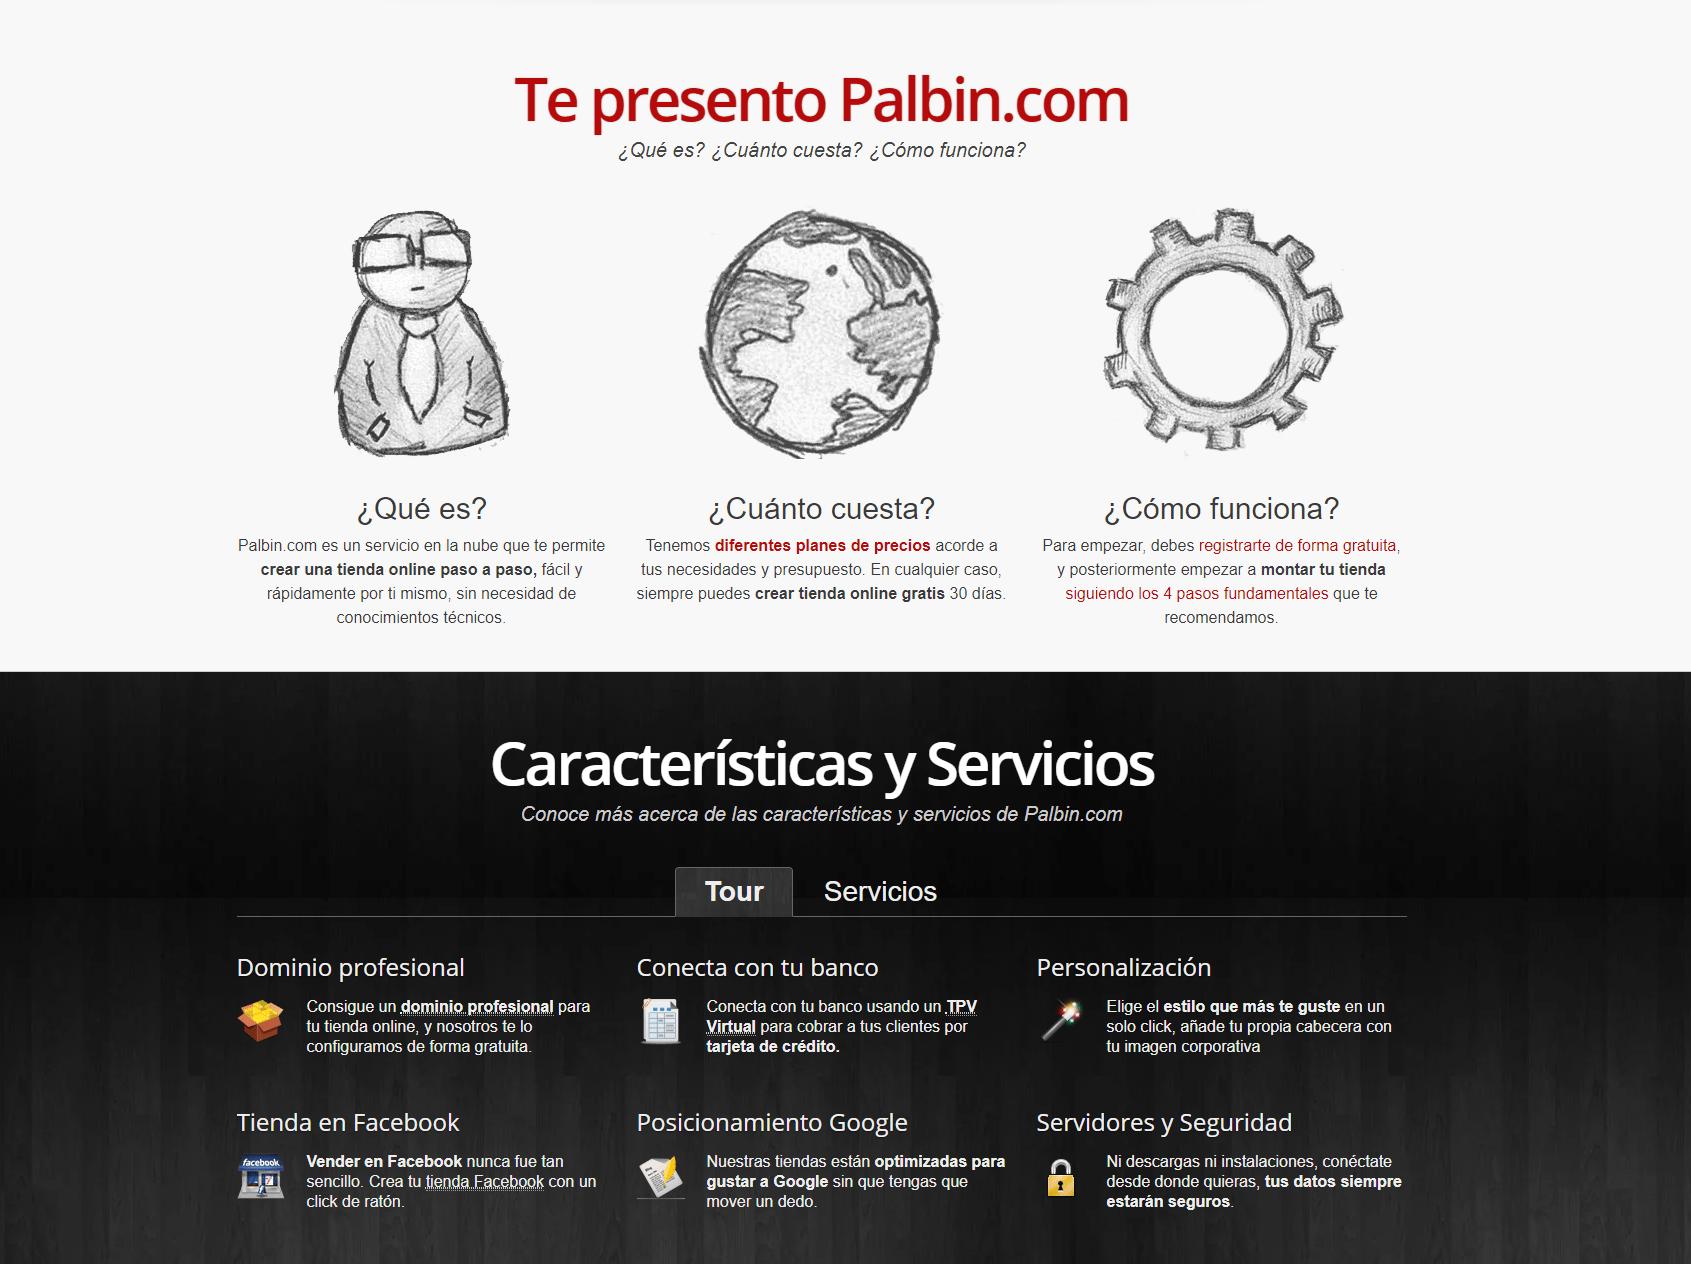 Plataforma Palbin para crear una tienda virtual